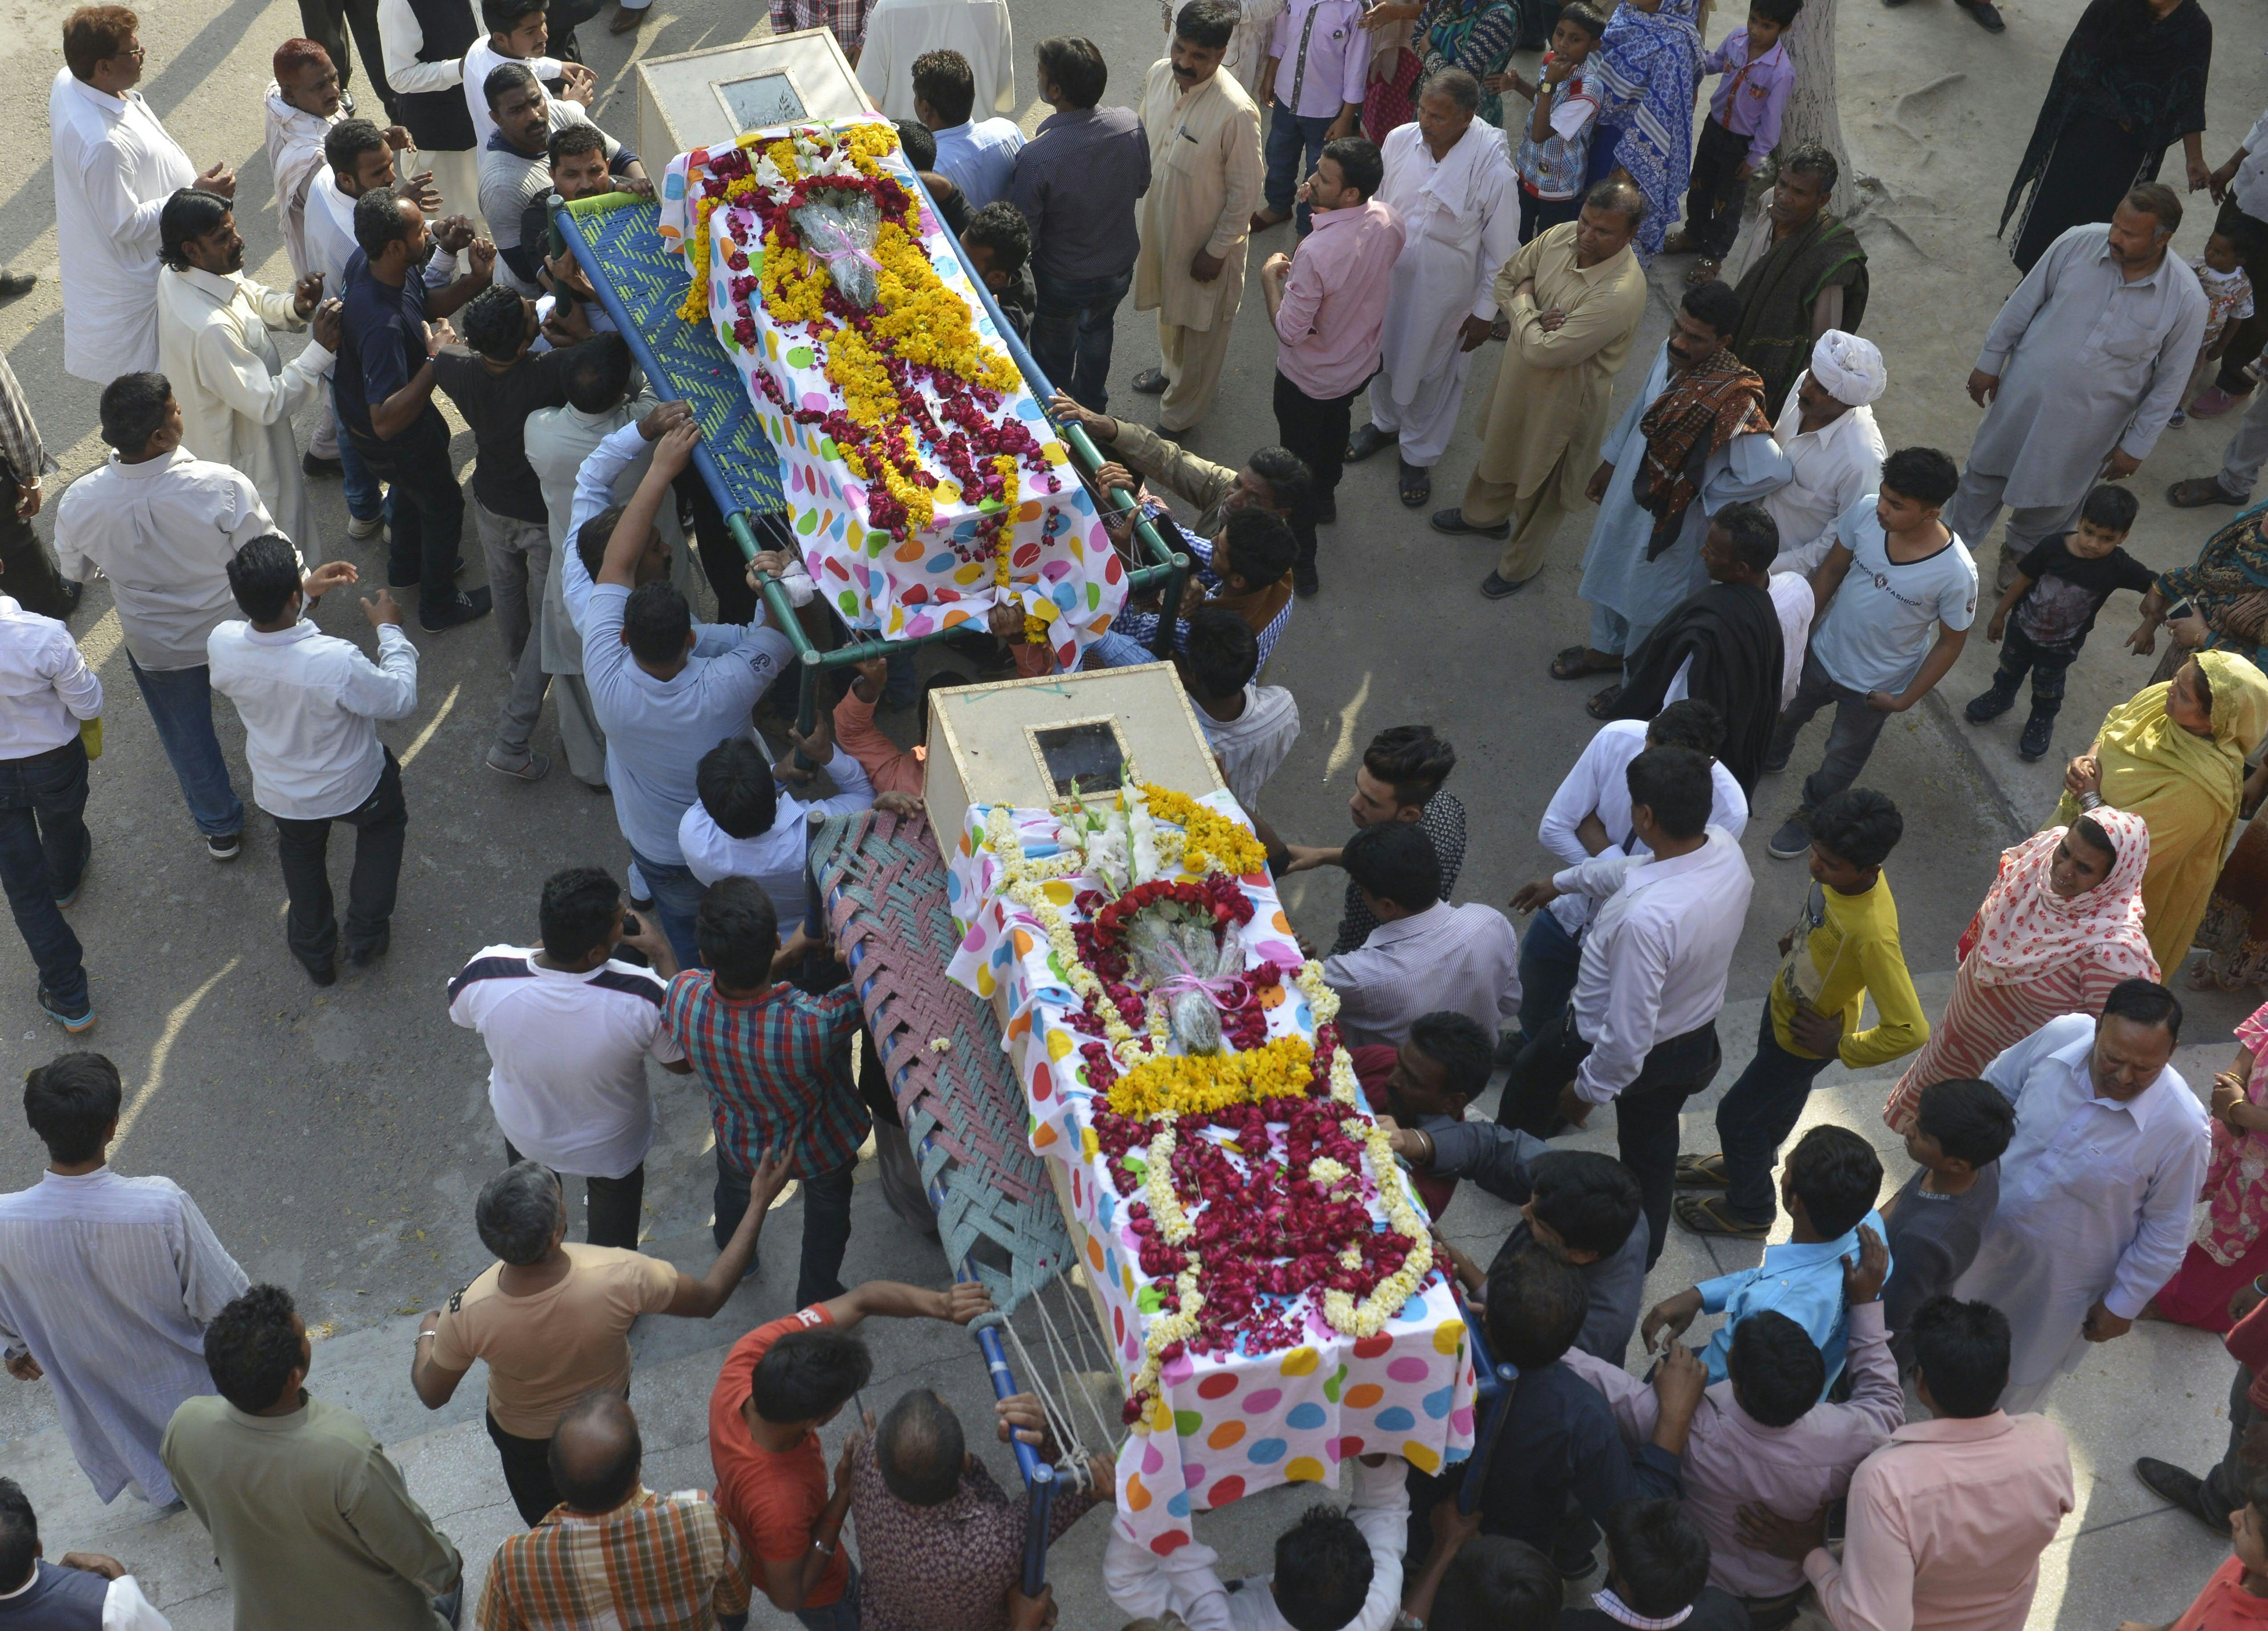 تشييع ضحايا الهجوم على تجمع المسيحيين في بكاستان - 2016